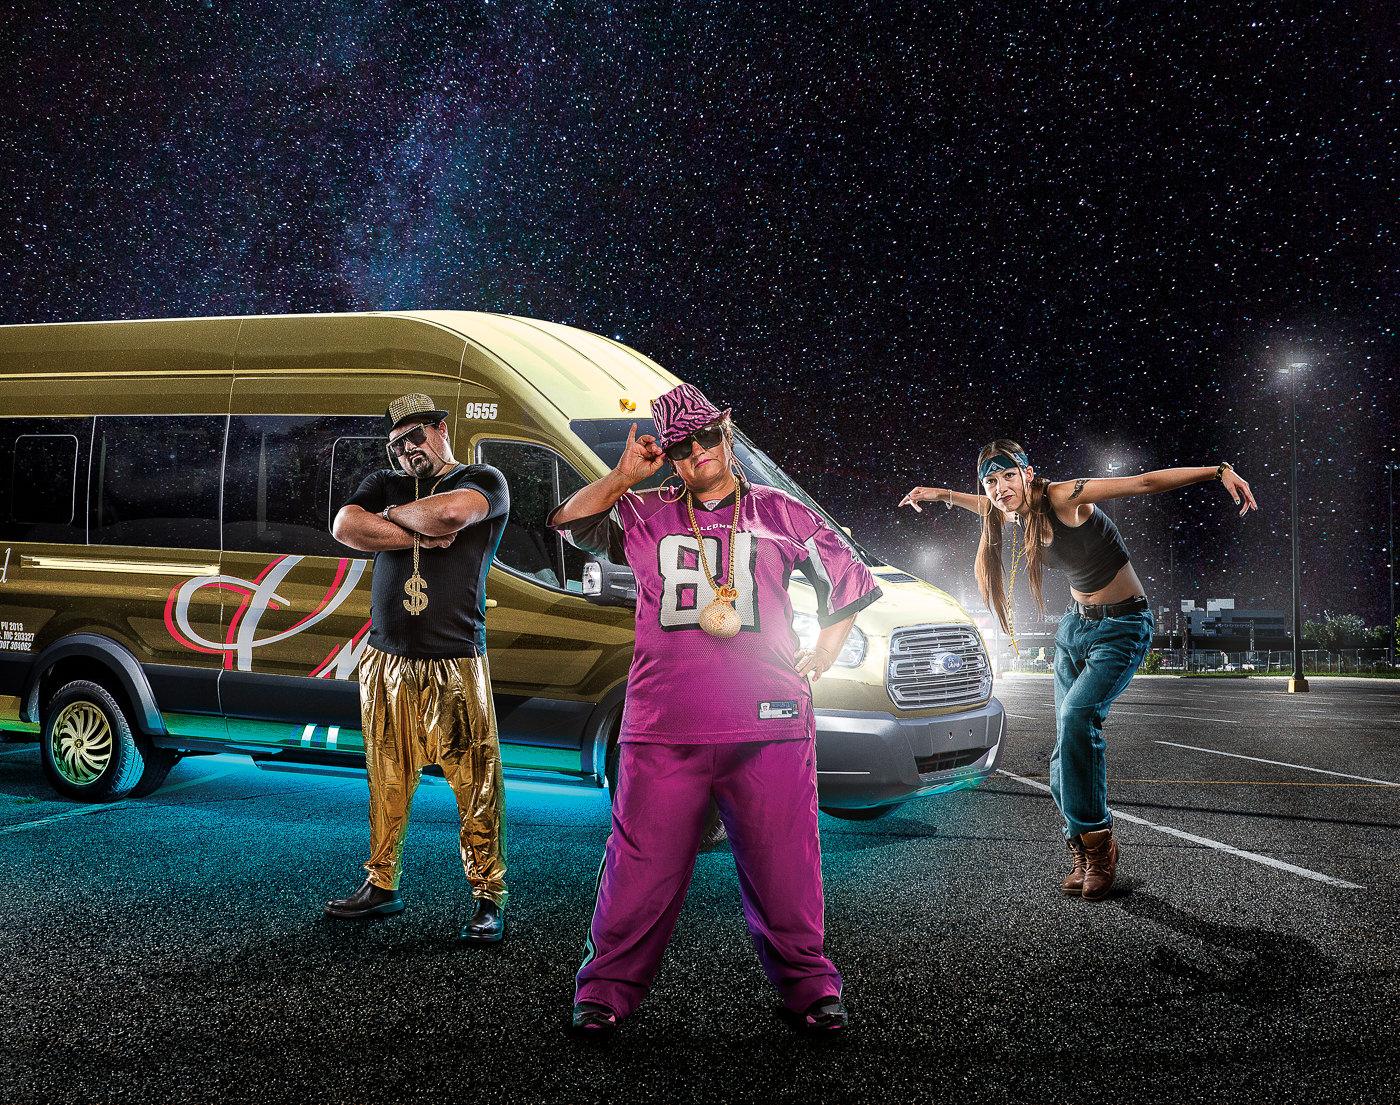 publicité groupe gallant autobus avec trois personnes dansants devant